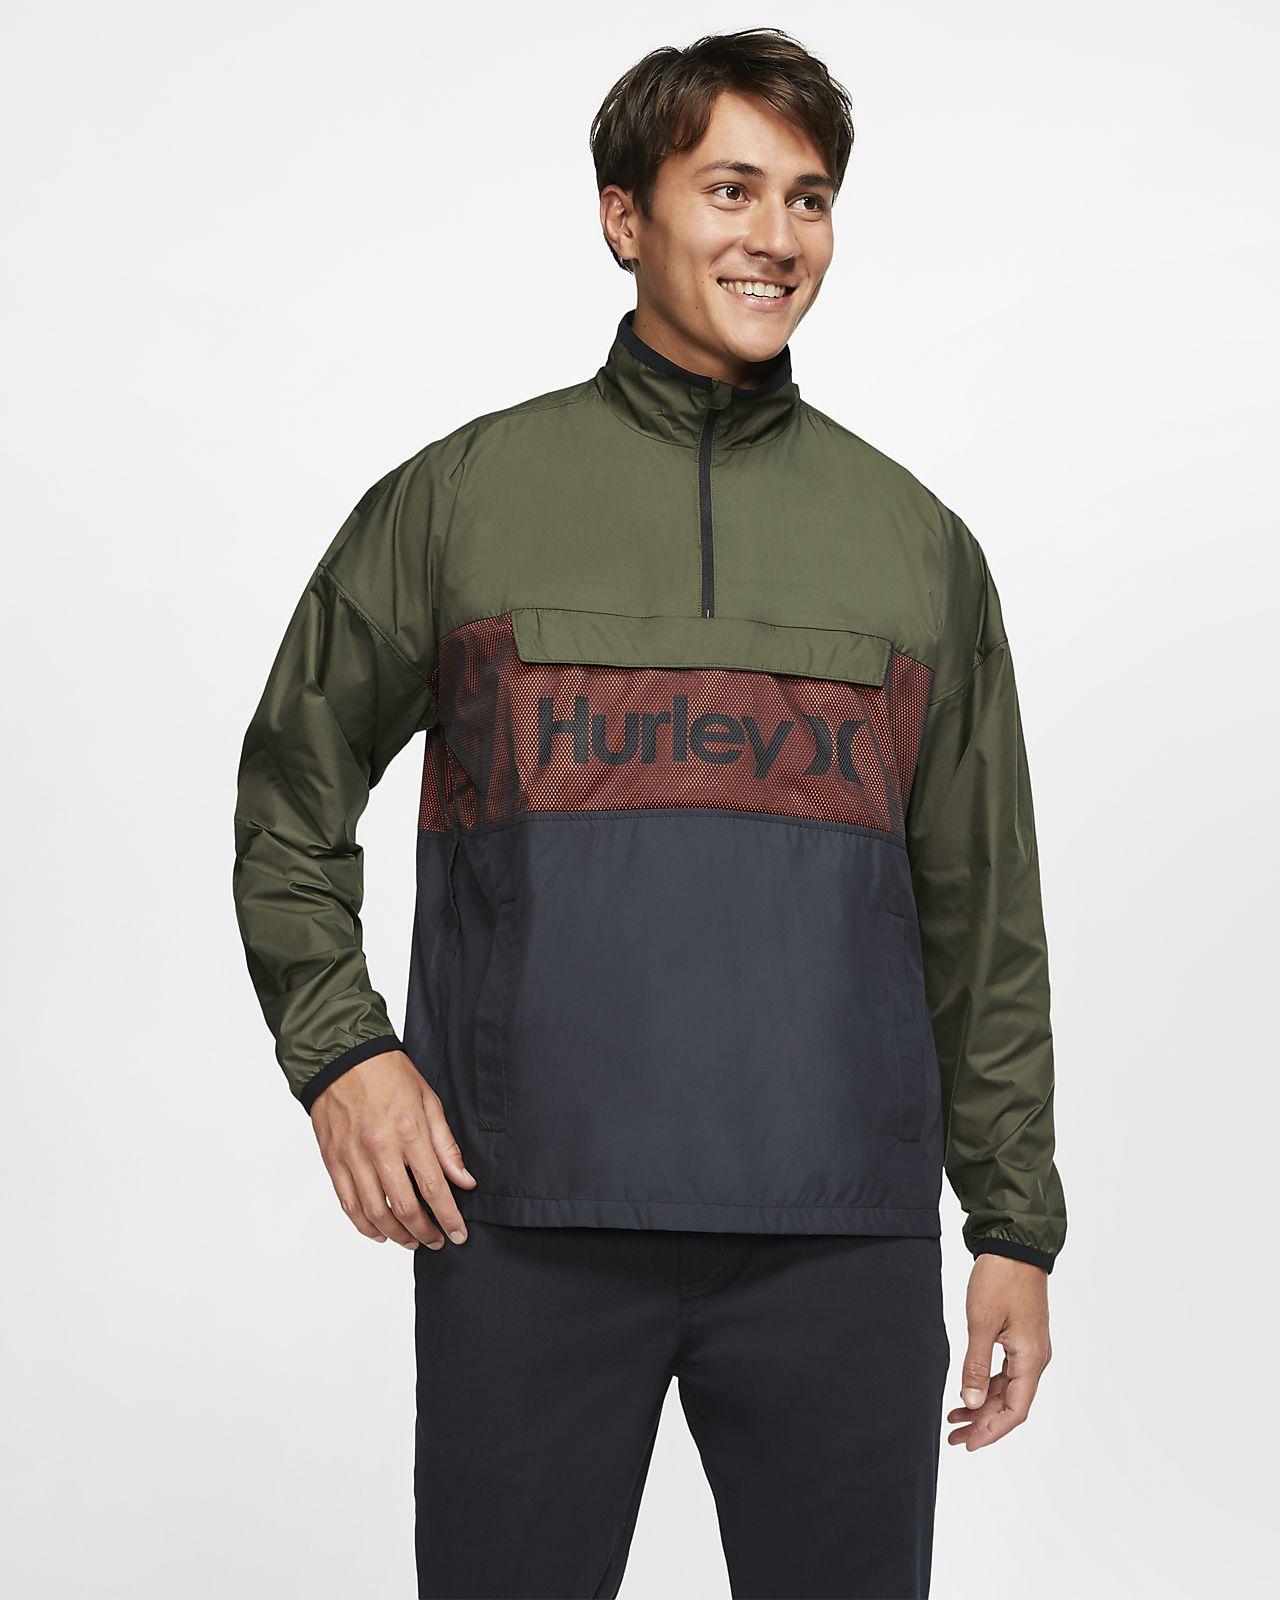 Hurley Siege Anorak-jakke til mænd